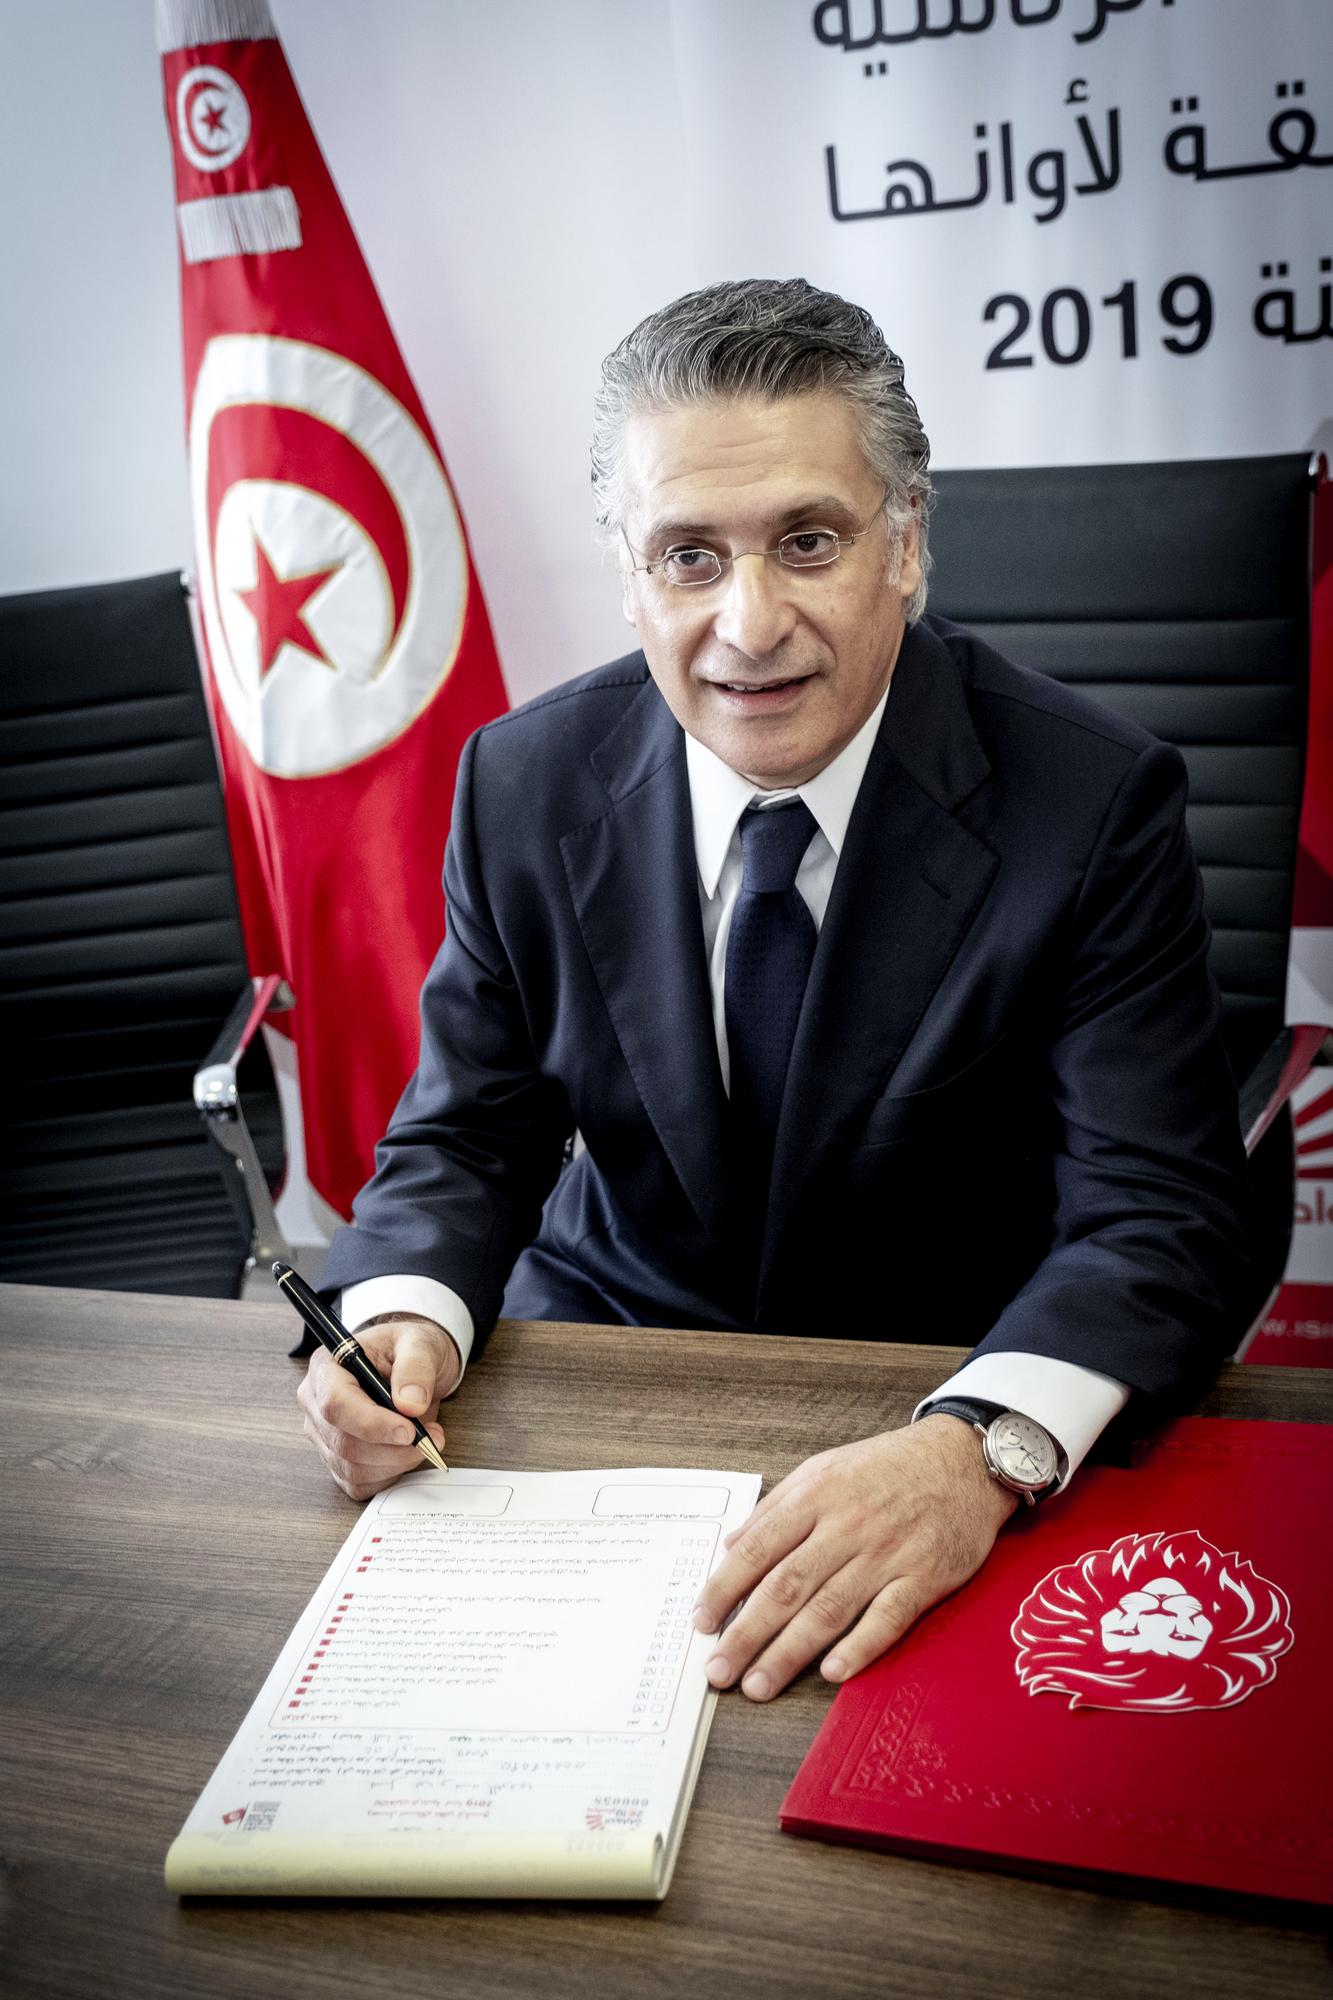 Nabil Karoui lors du dépôt de sa candidature à l'élection présidentielle, le 2 août 2019 à Tunis.